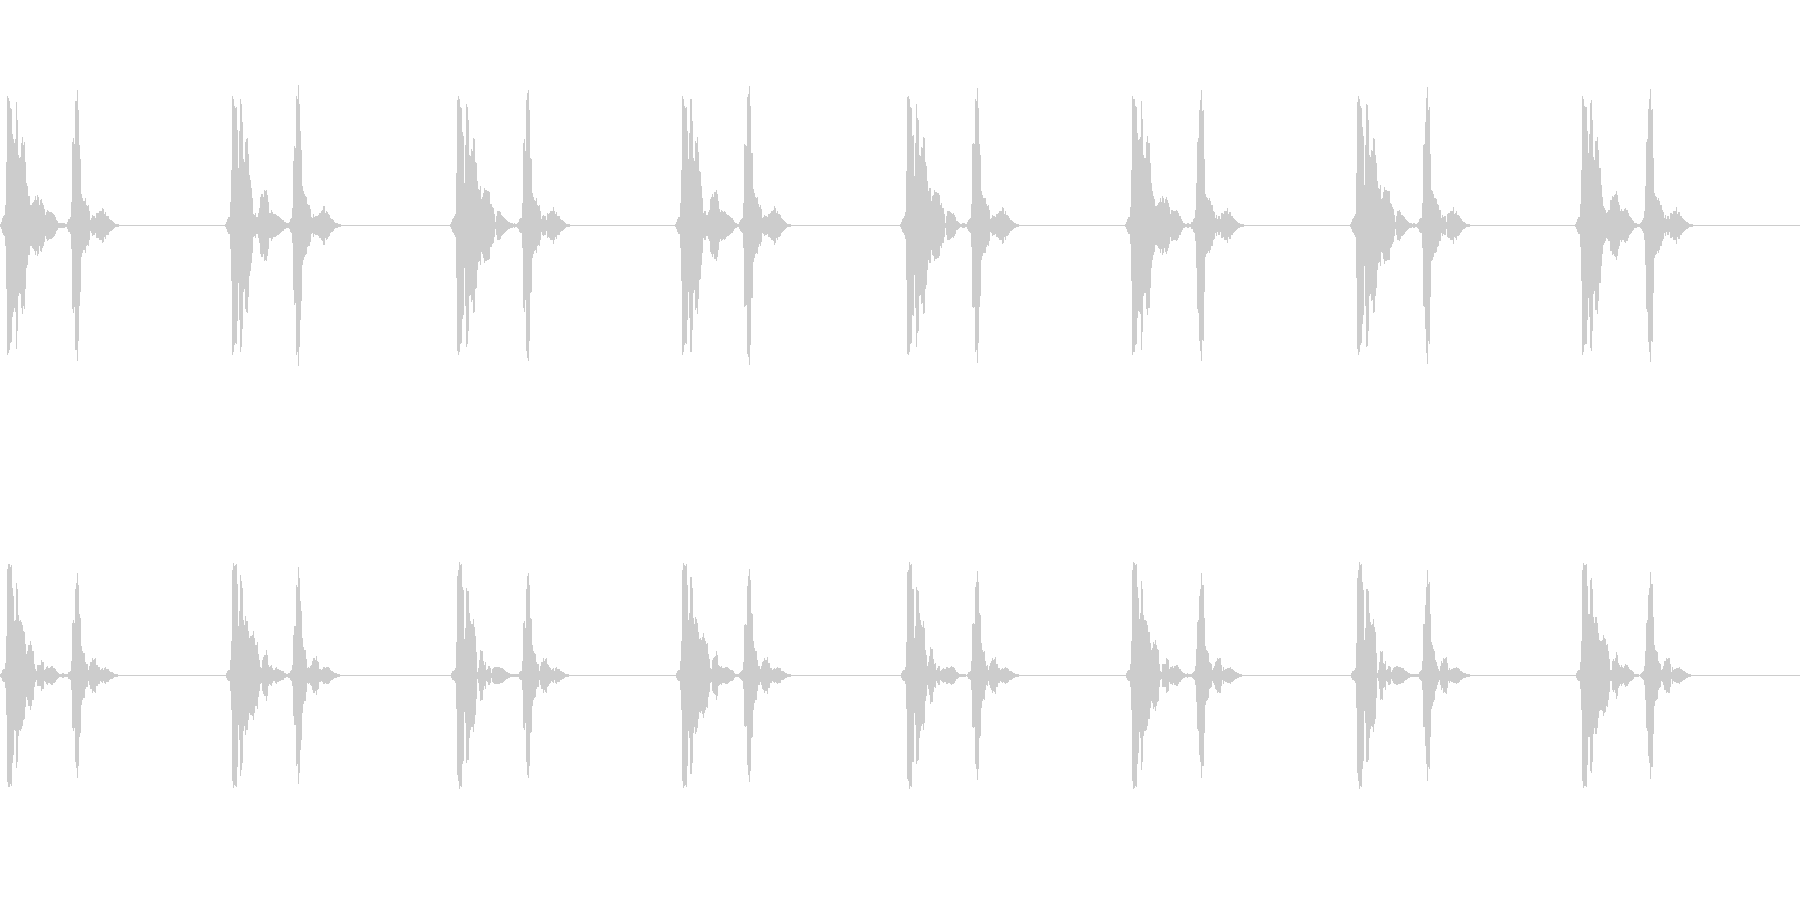 心臓の鼓動音_その4の未再生の波形